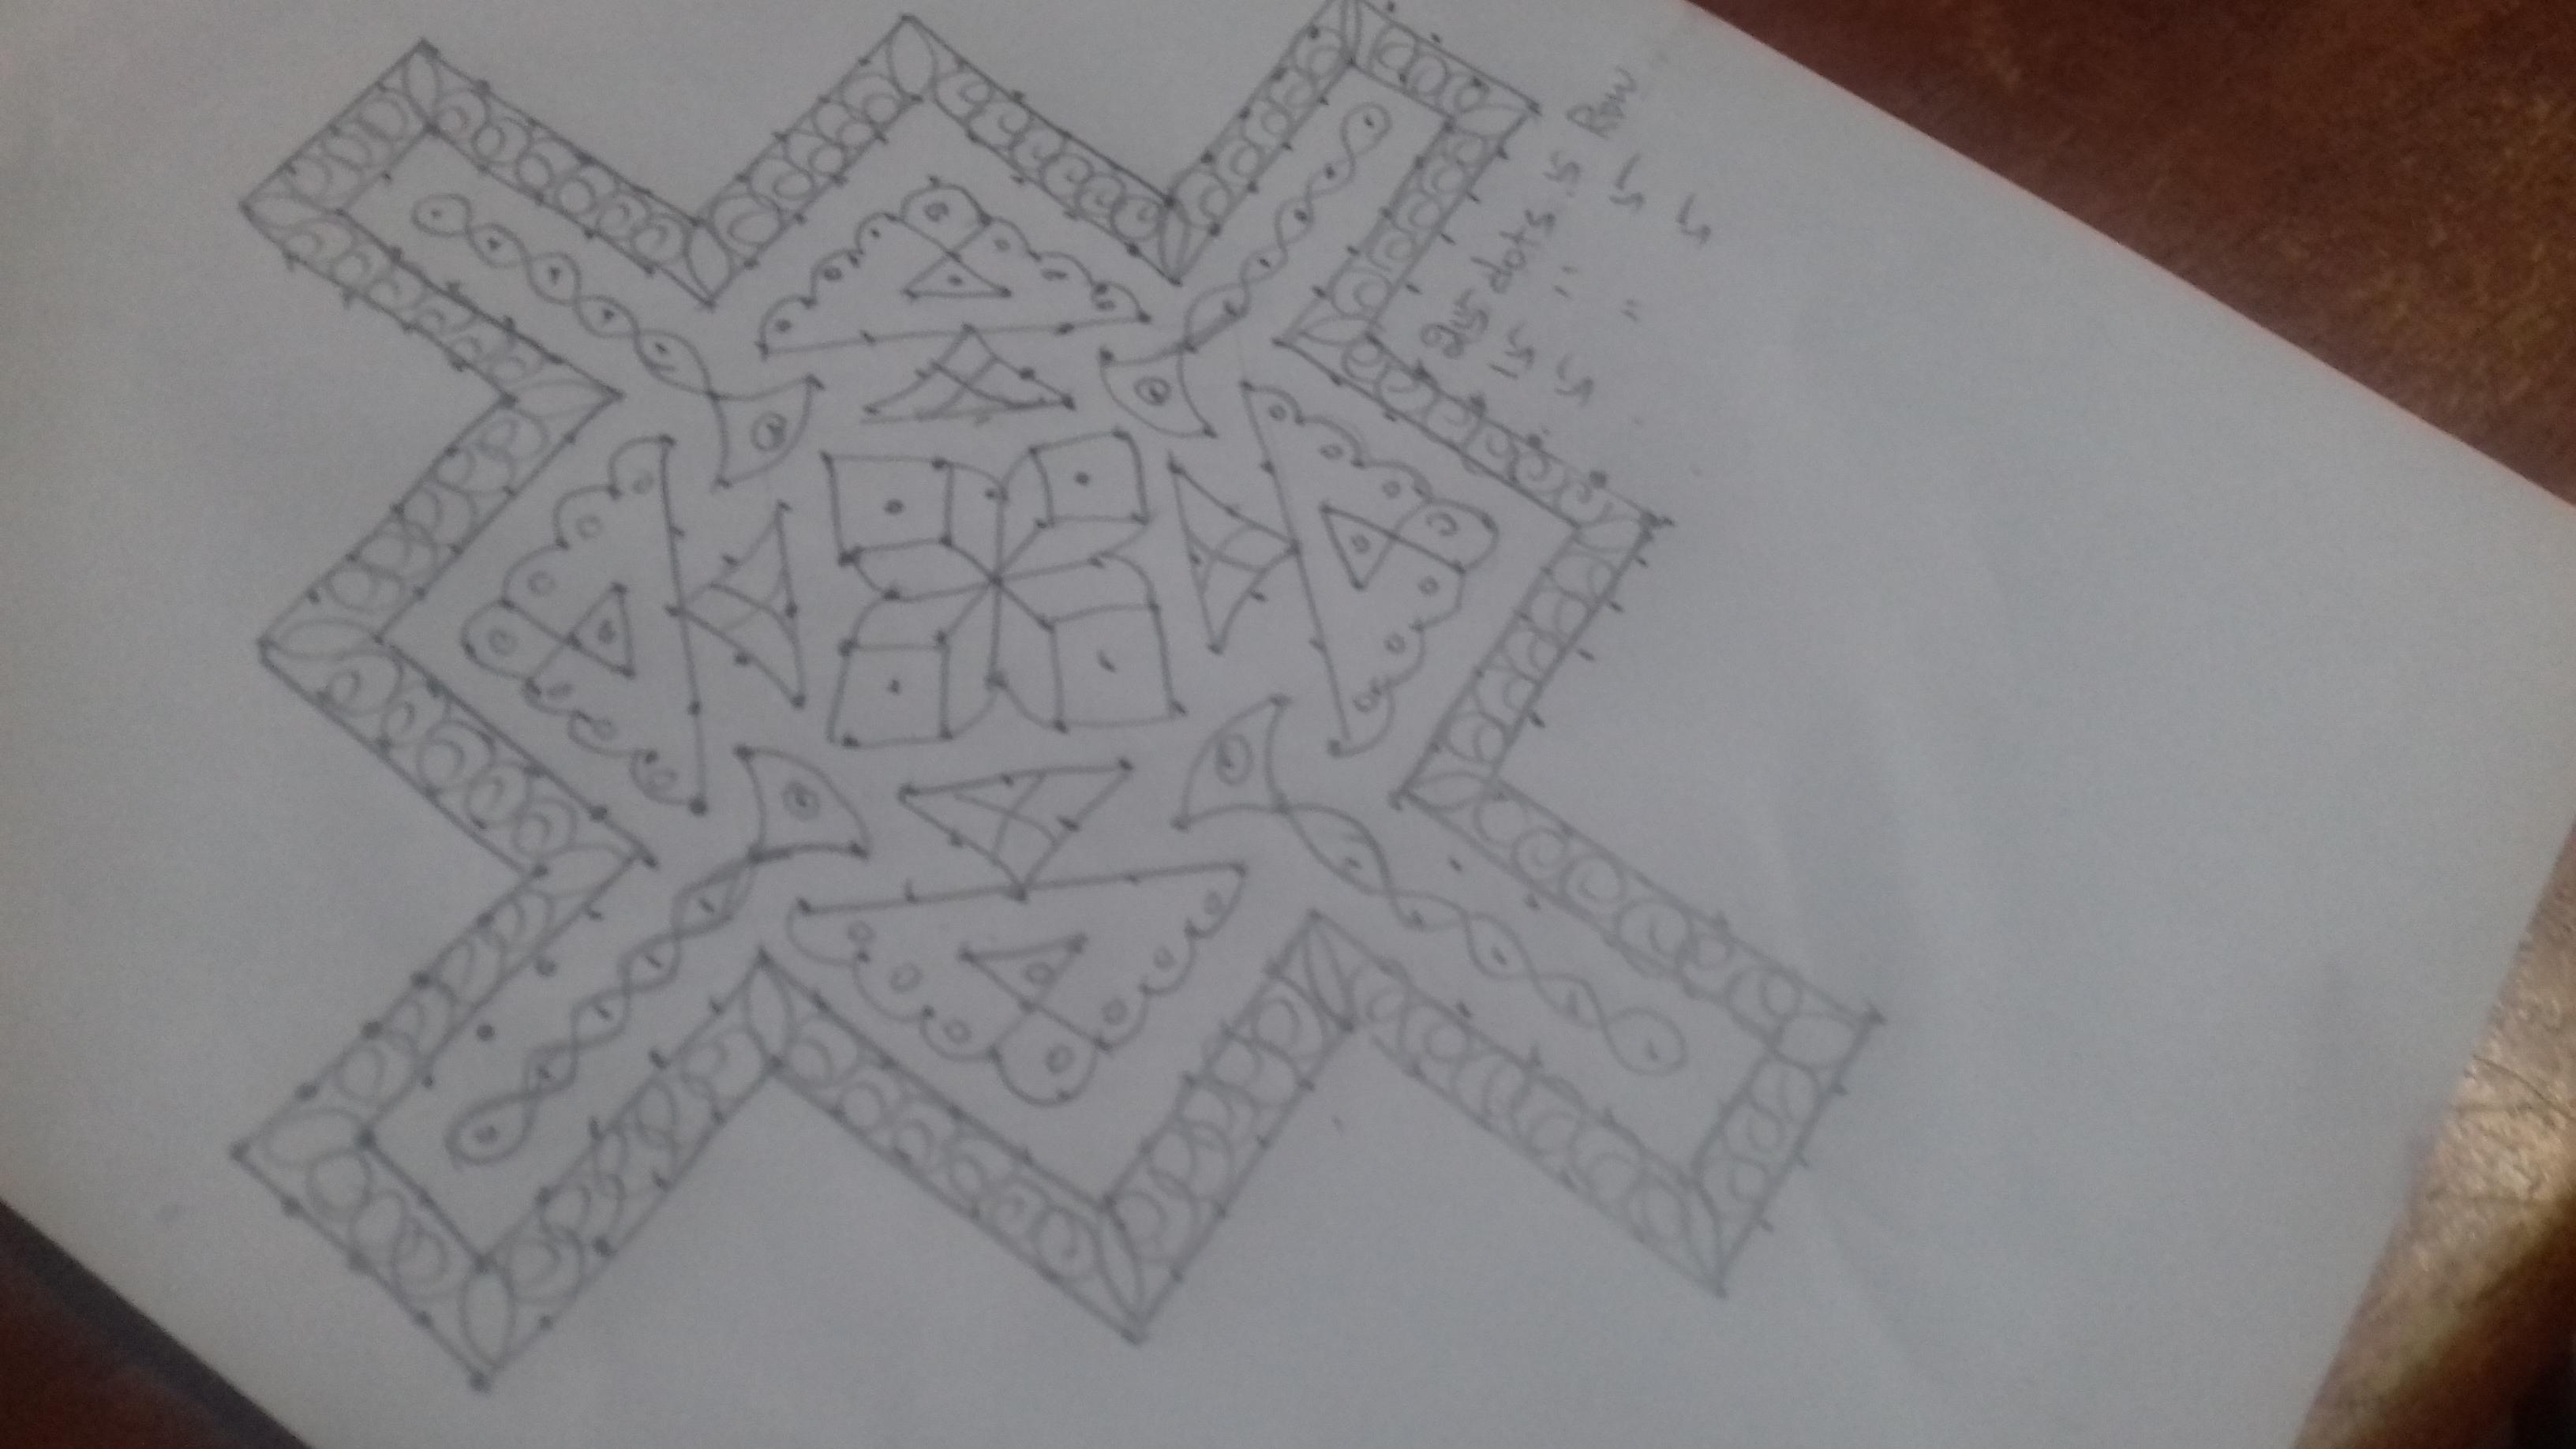 design kolam with 25 dots || 25 dots contest Kolam